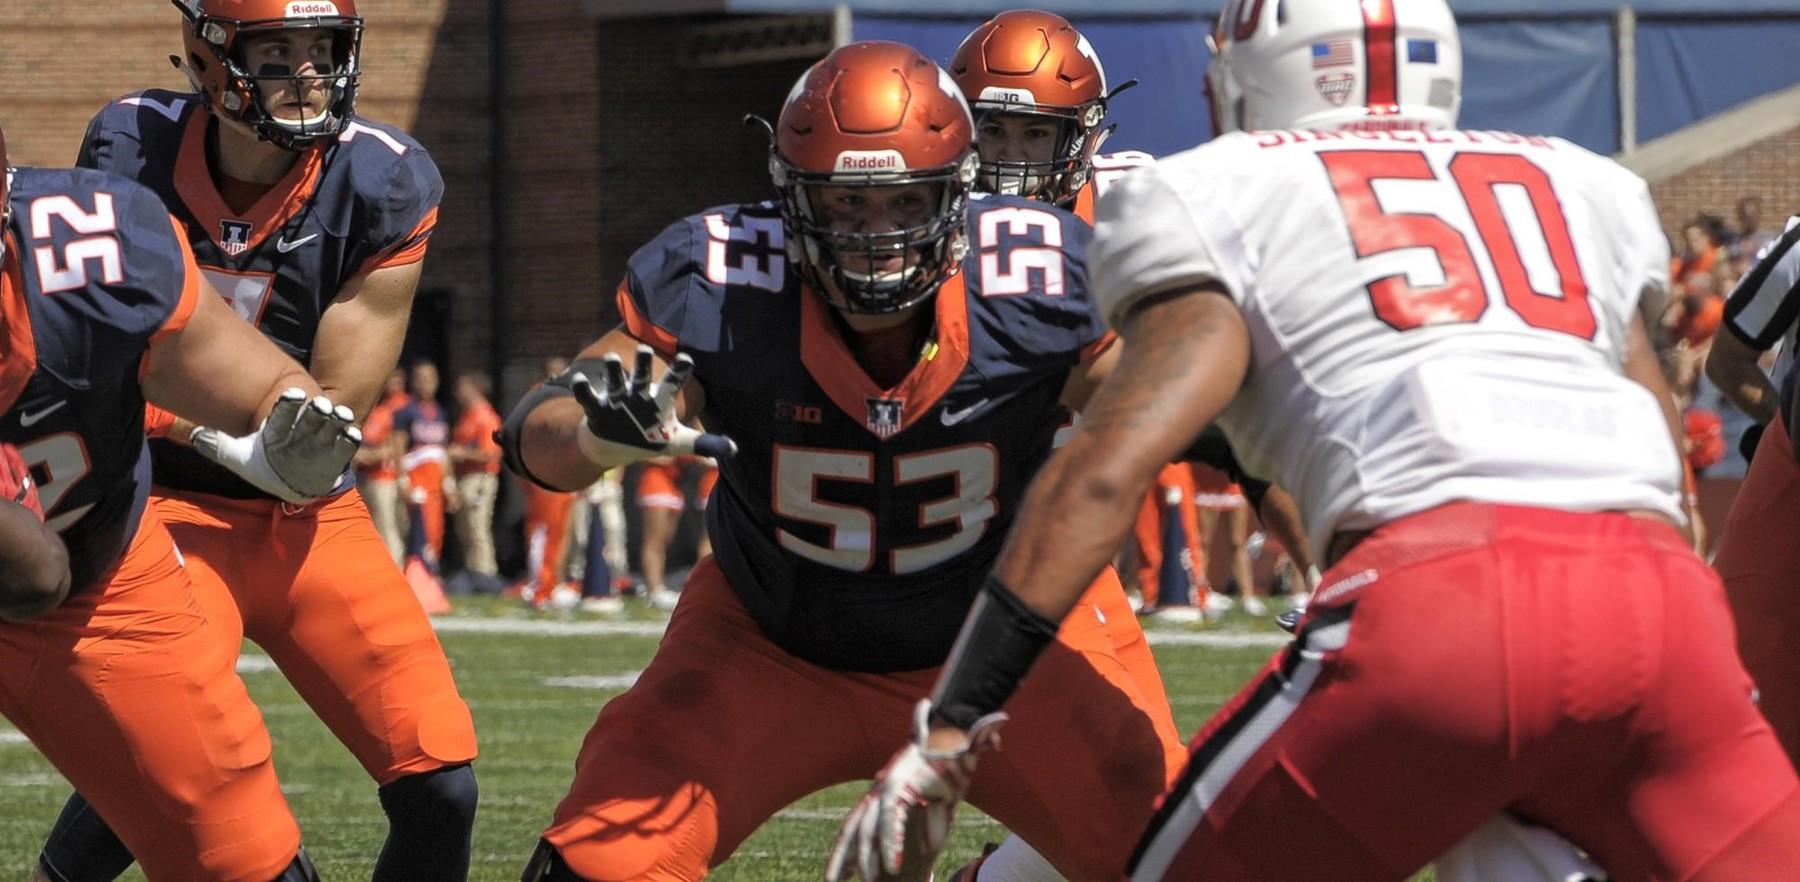 illini offensive line guards quarterback